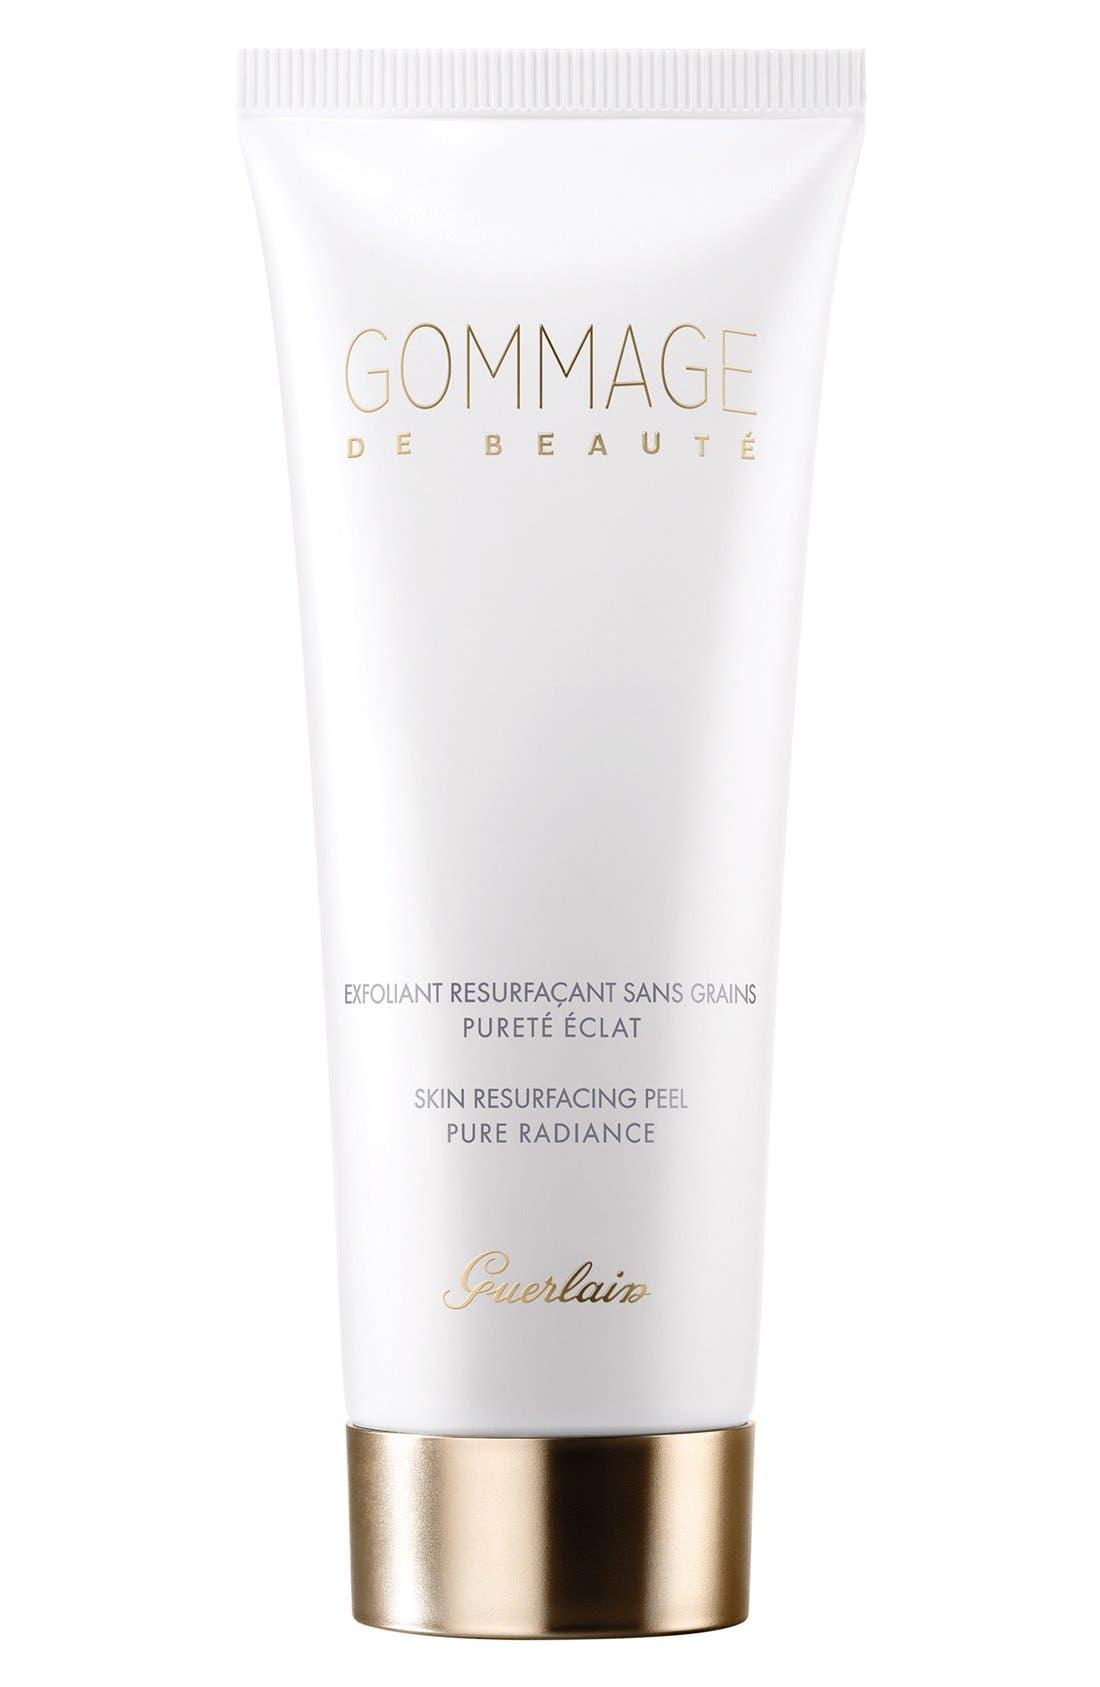 Guerlain Gommage de Beauté Skin Resurfacing Peel